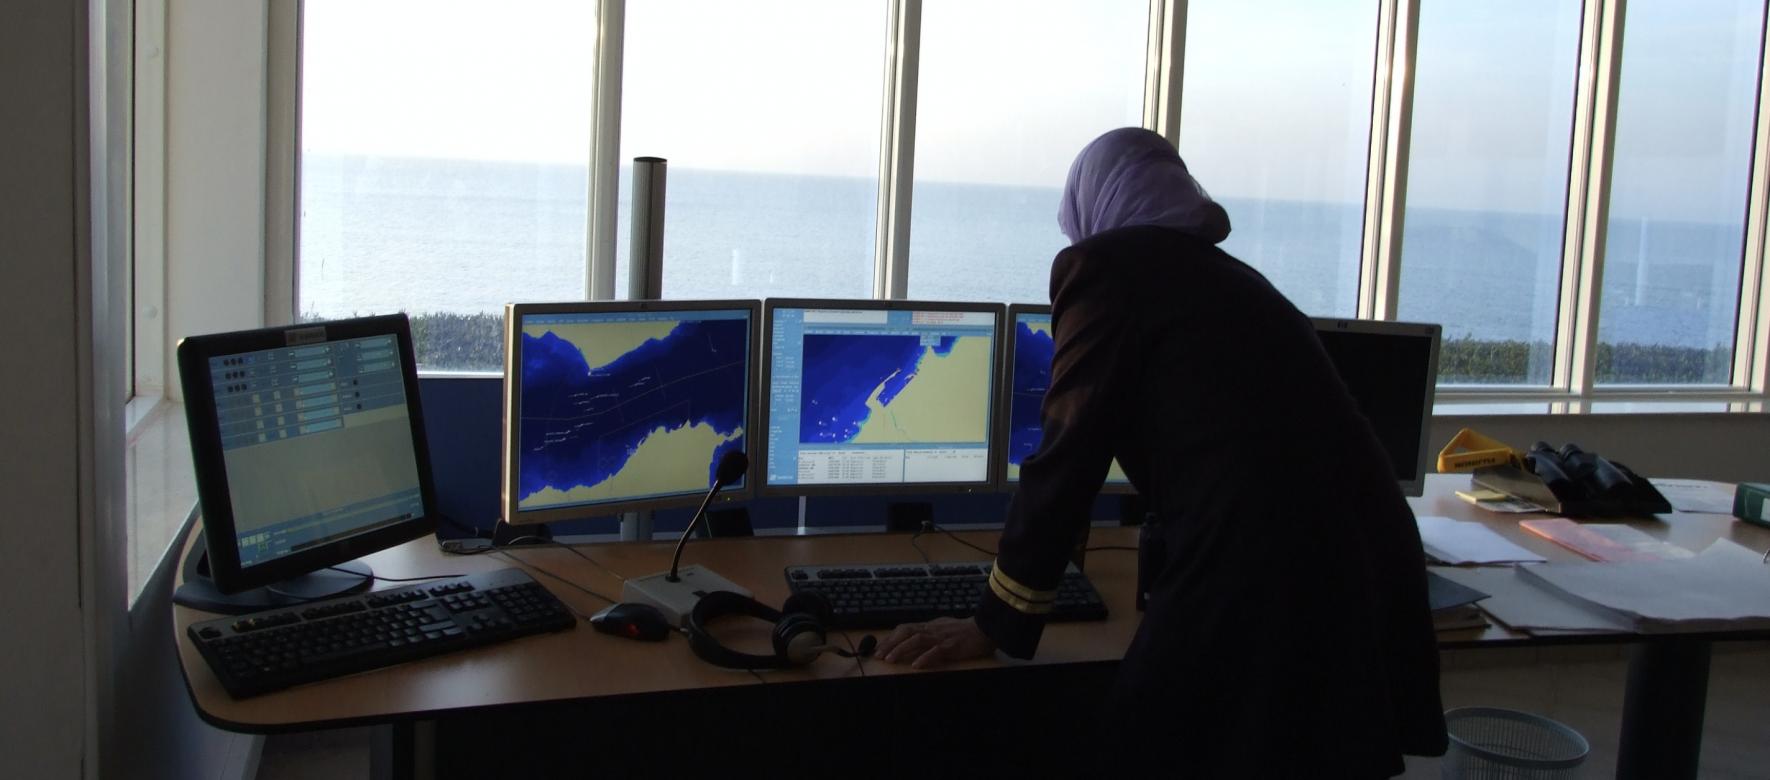 Maroc : La logistique pourrait encore gagner en compétitivité grâce au digital